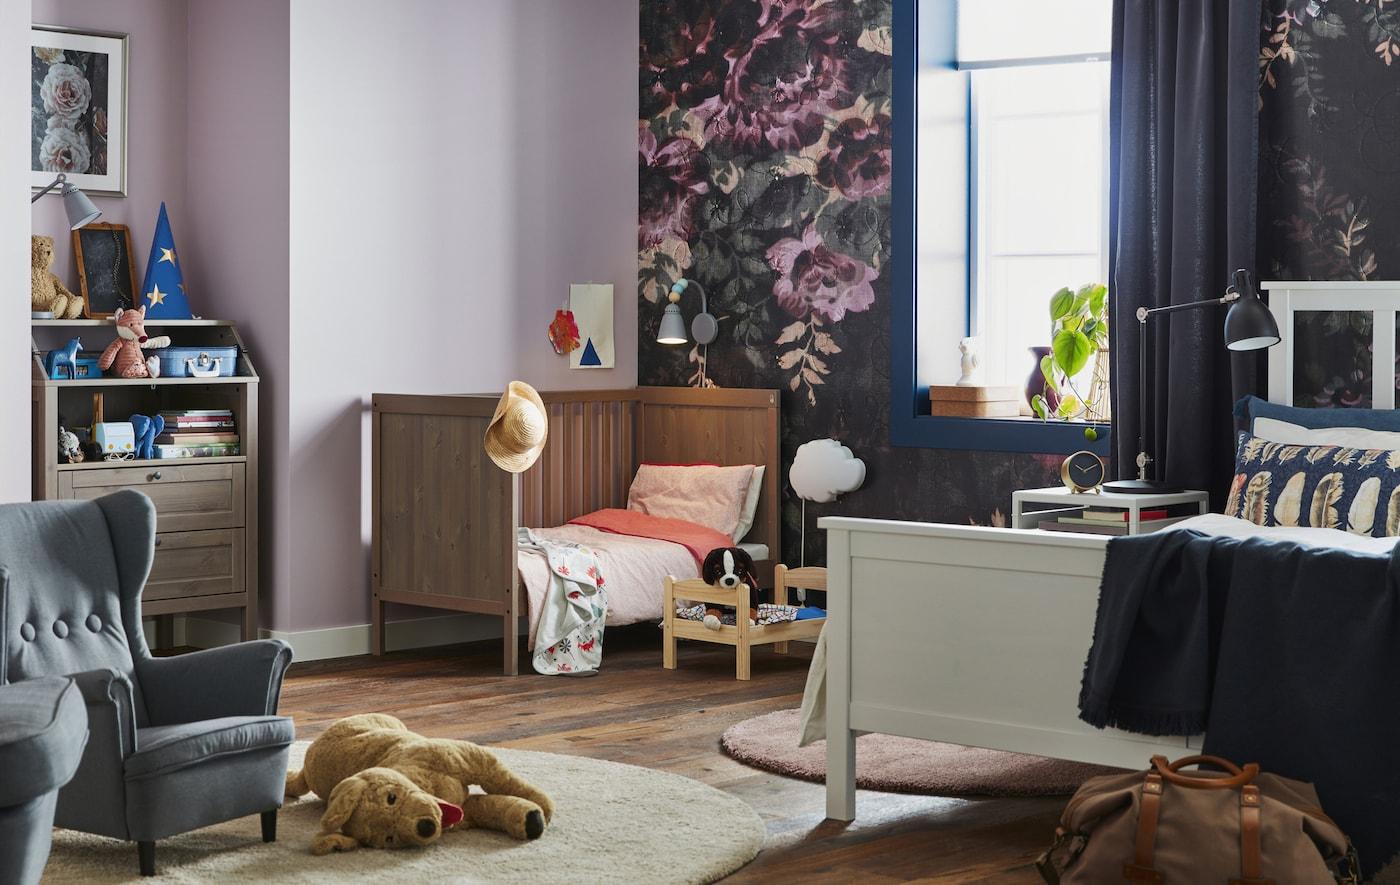 Imagem de um quarto com cama de casal, berço e brinquedos de criança.